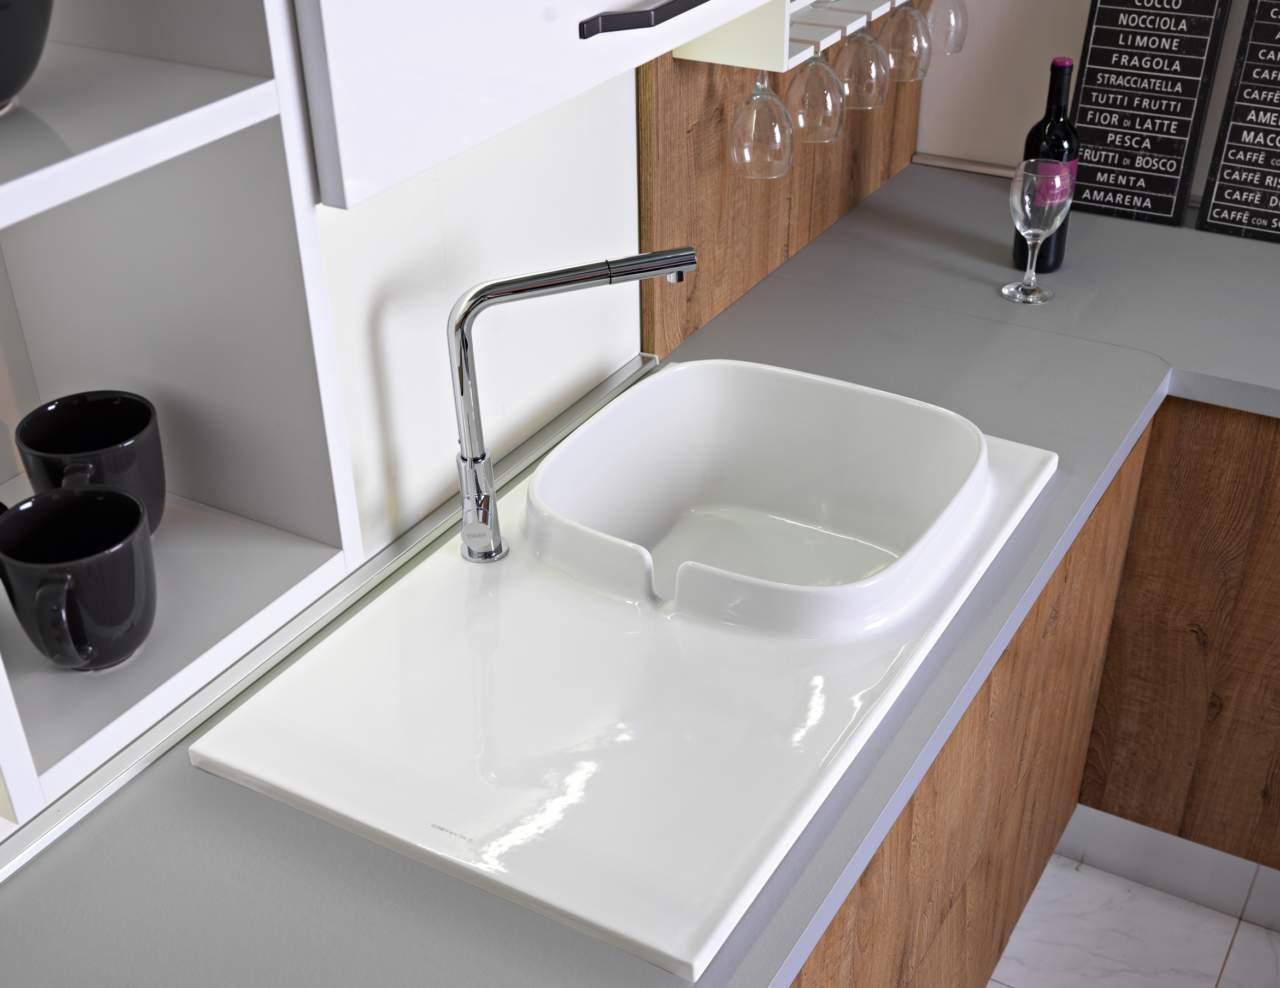 Scarabeo presenta il lavello in ceramica Up | Ambiente Cucina